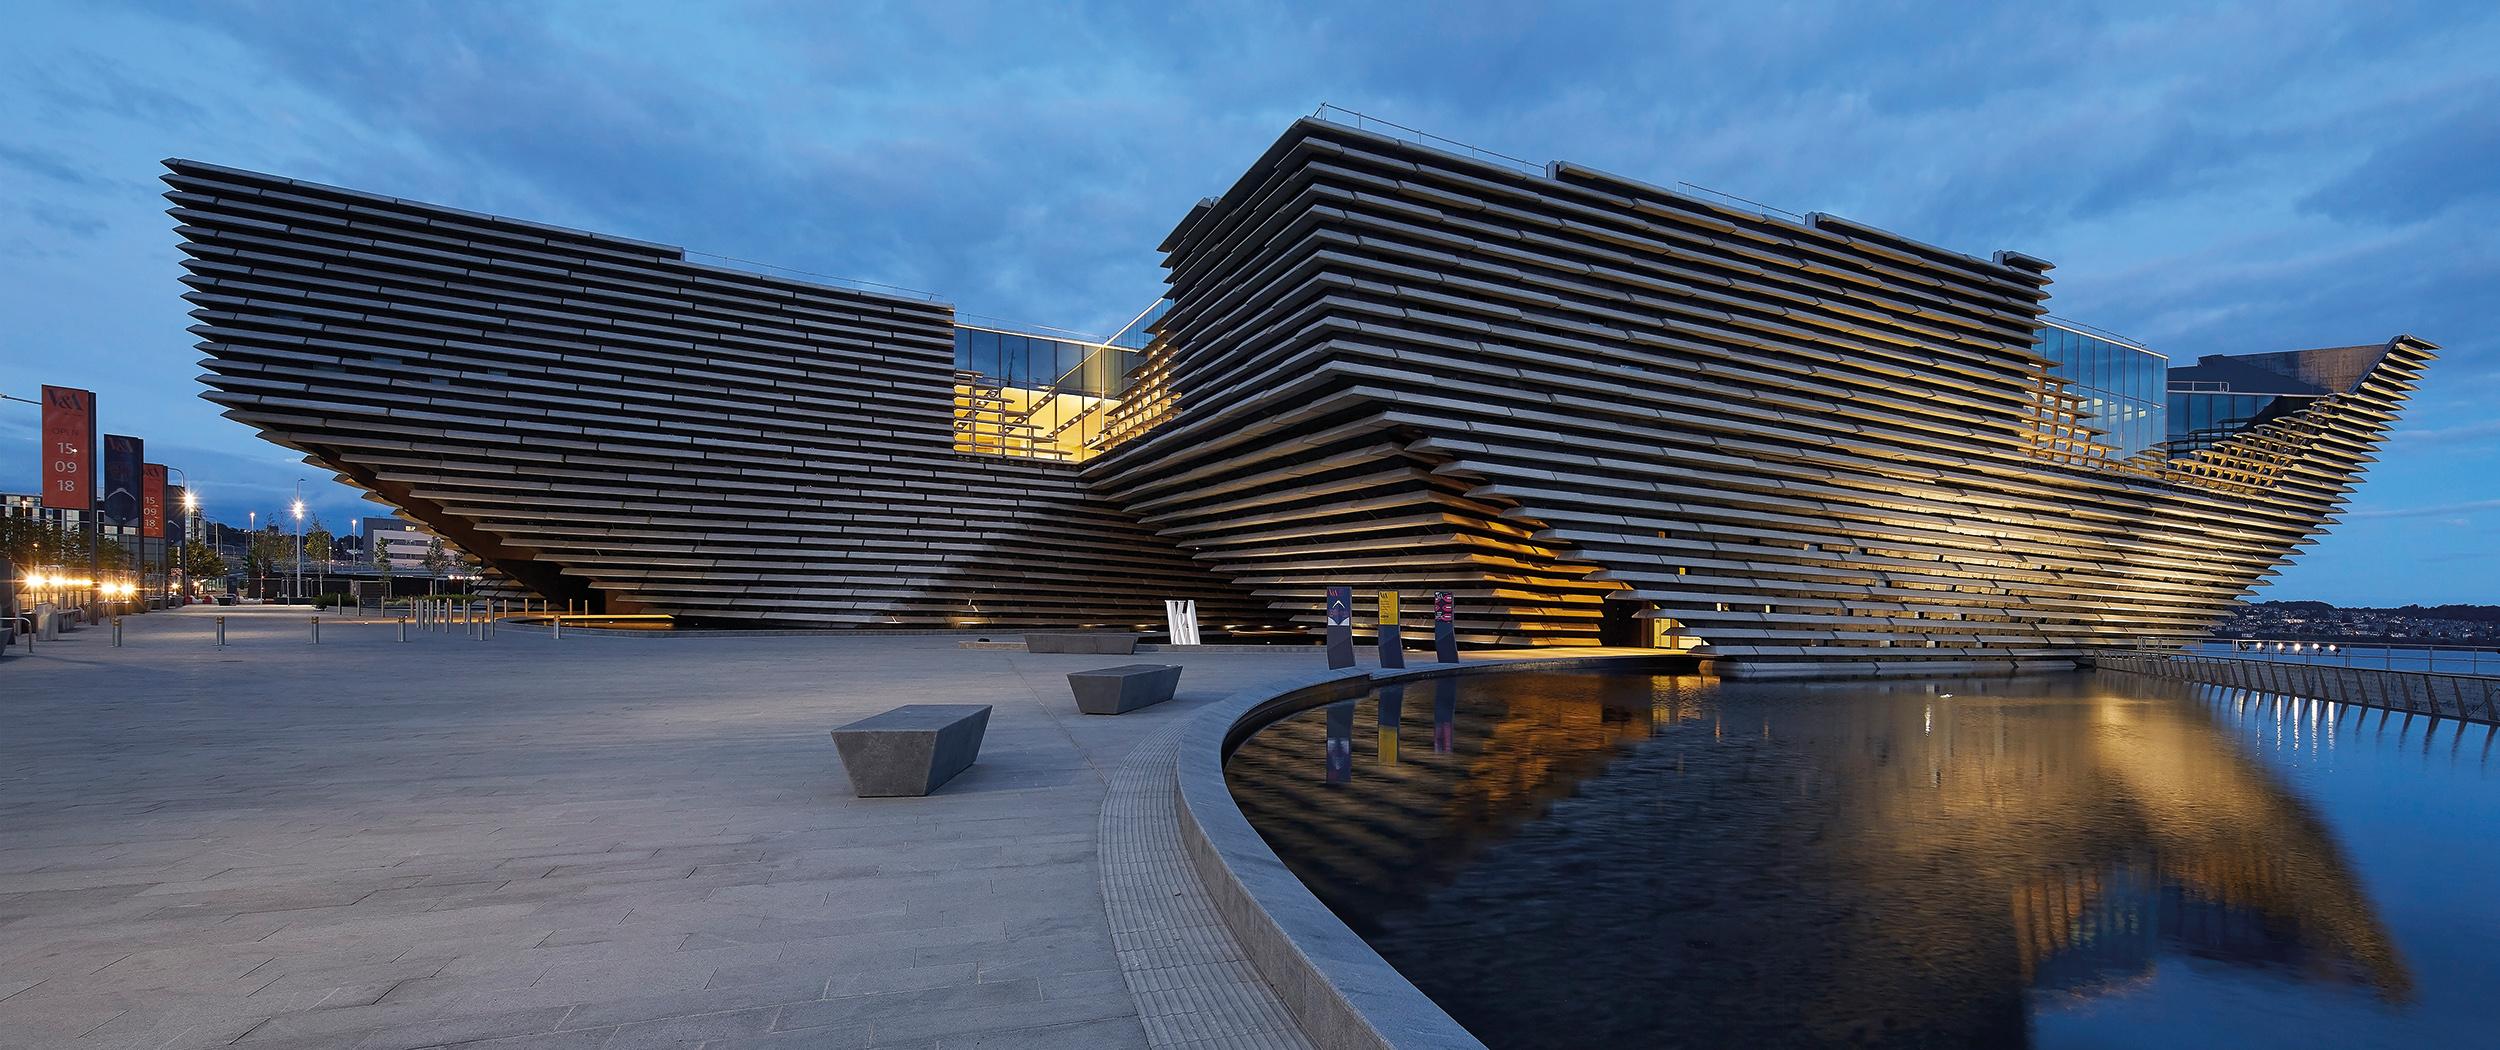 V_A Dundee_Scotland_©HuftonCrow_104.jpg